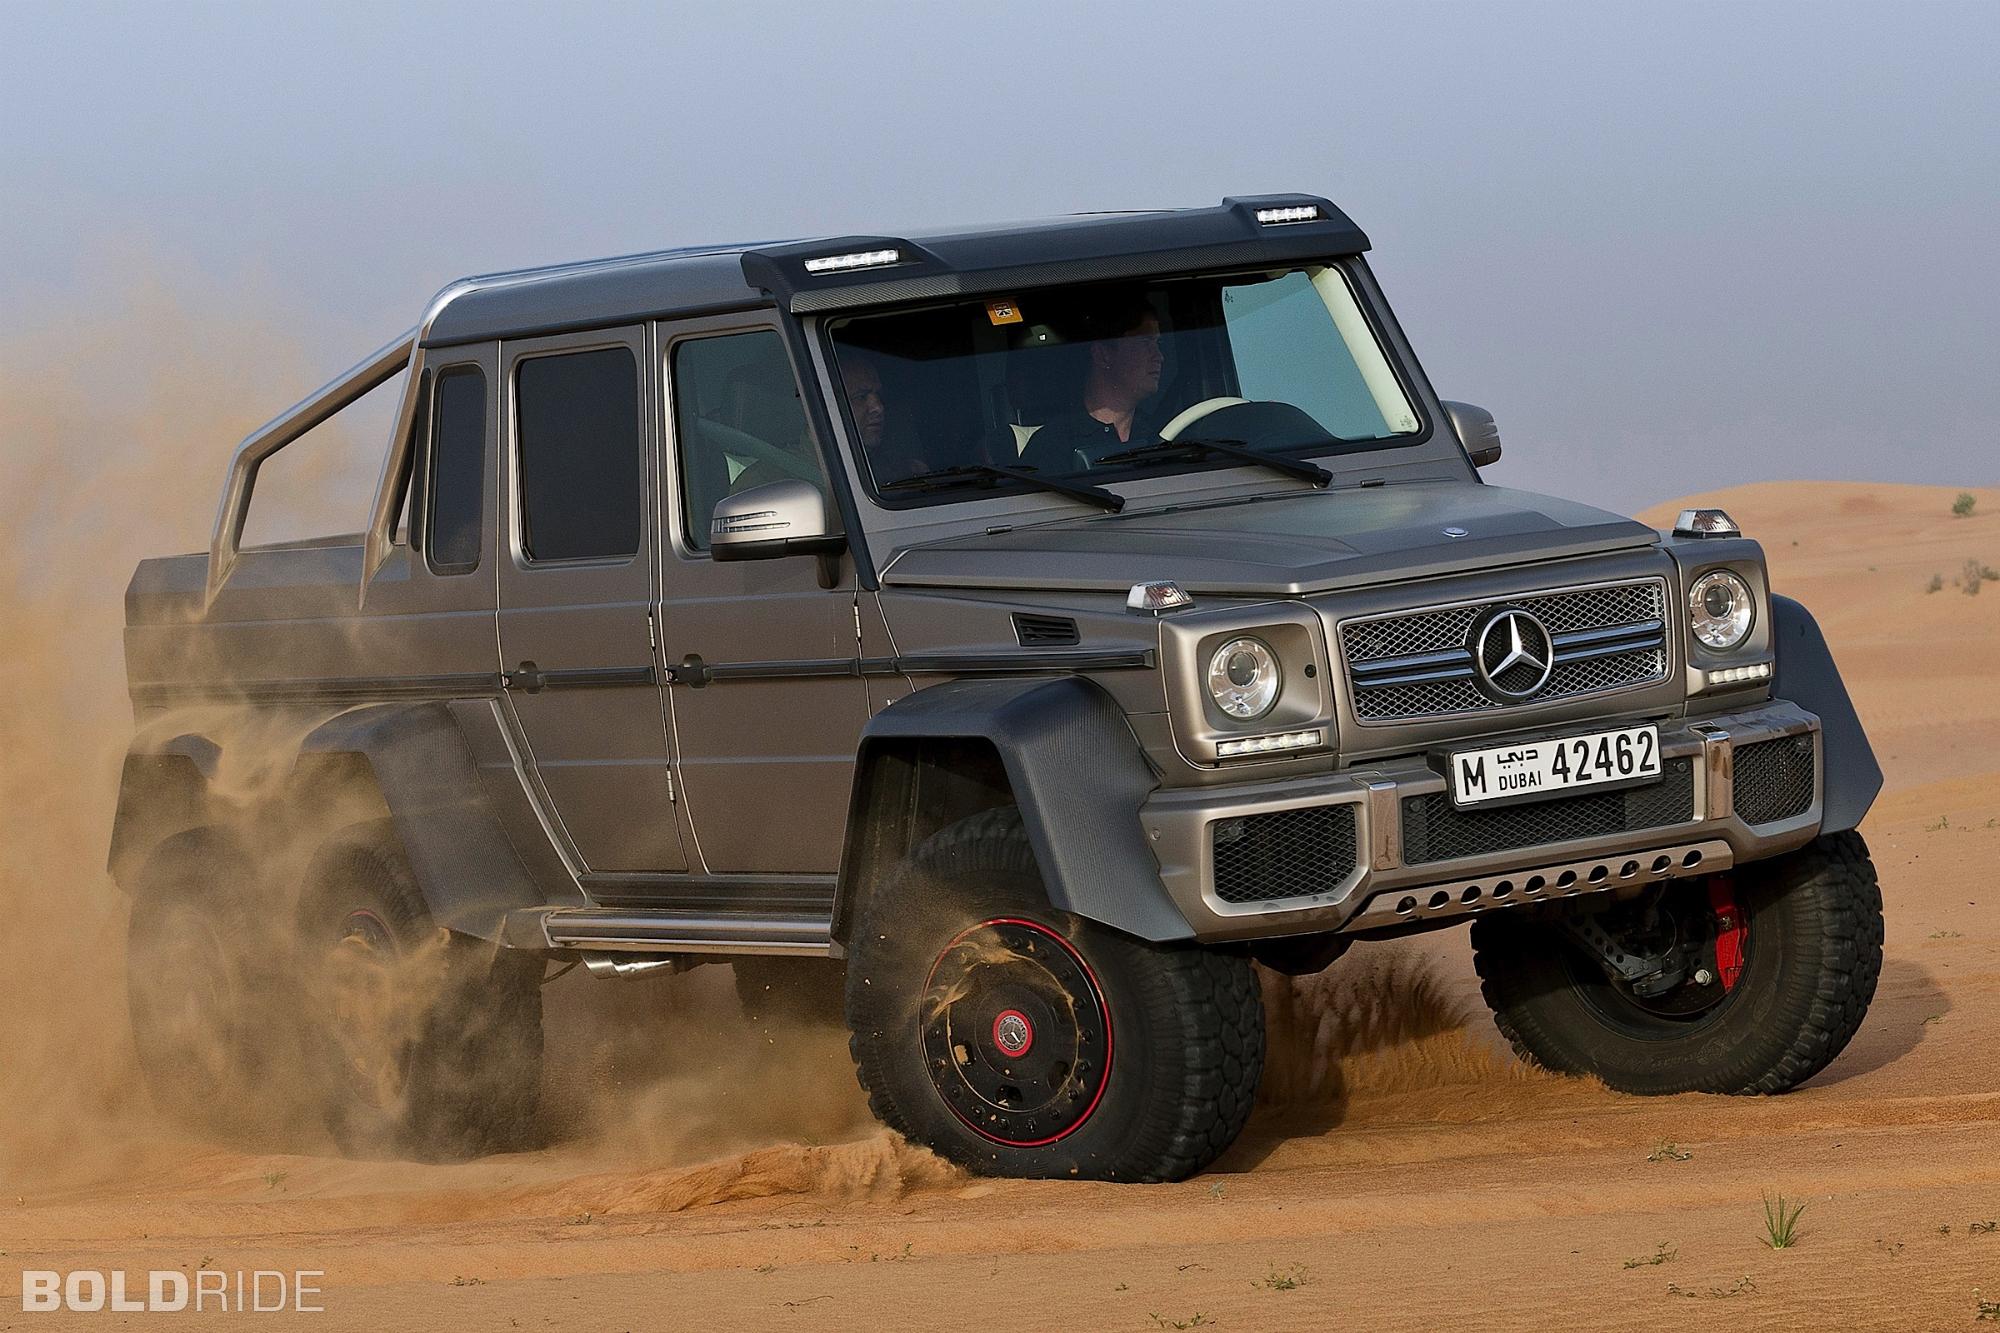 2013 Mercedes Benz G63 Amg 6x6 4x4 Offroad Suv H Wallpaper 2000x1333 79706 Wallpaperup